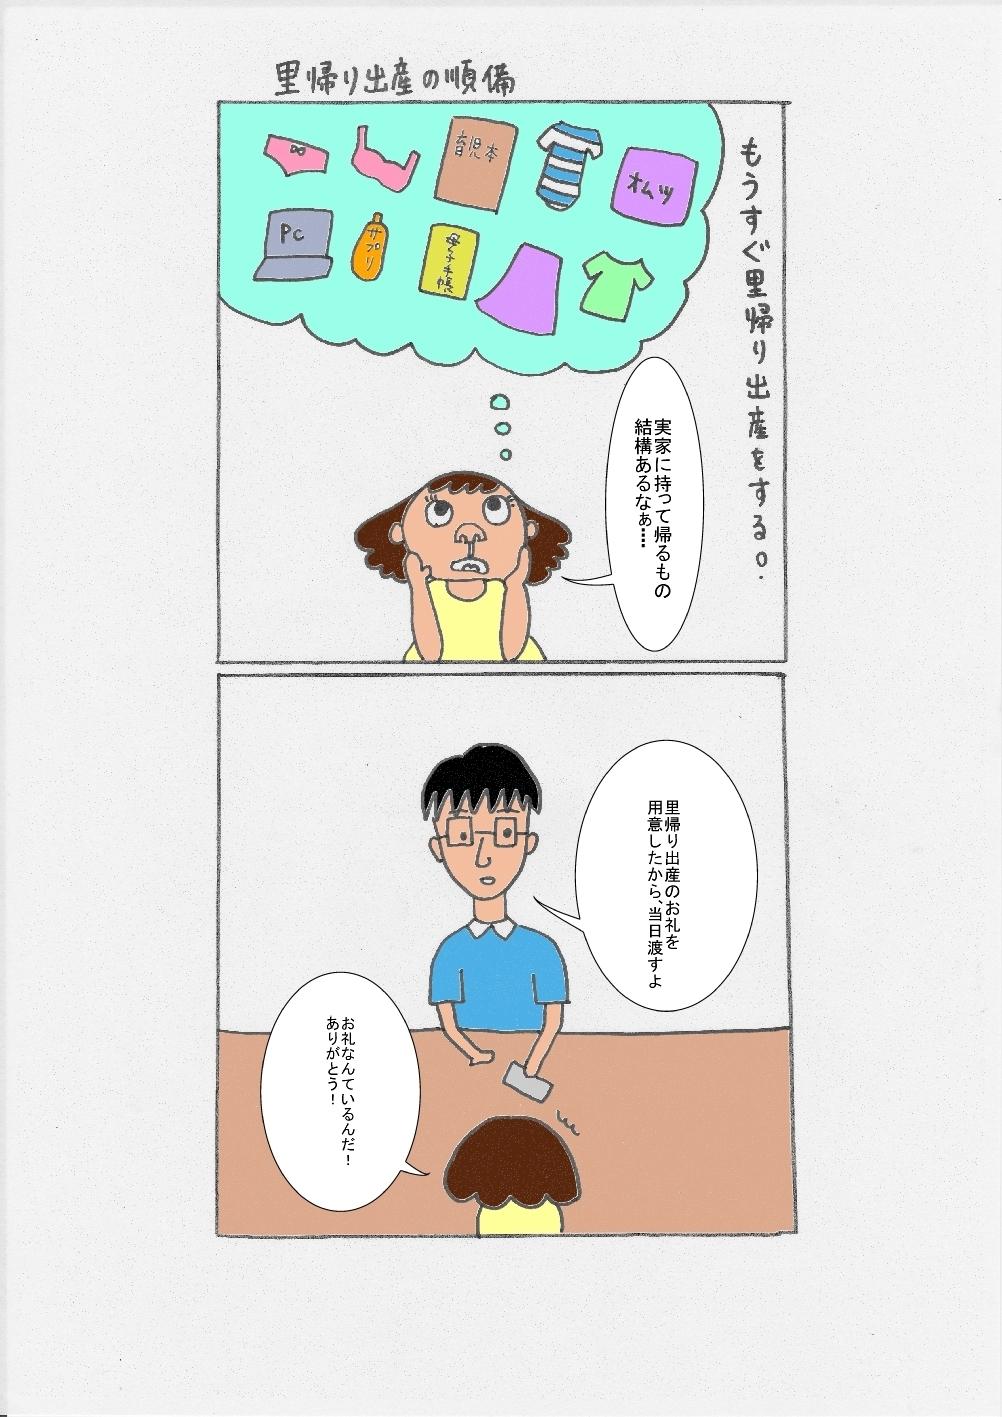 里帰り出産の準備1.jpg